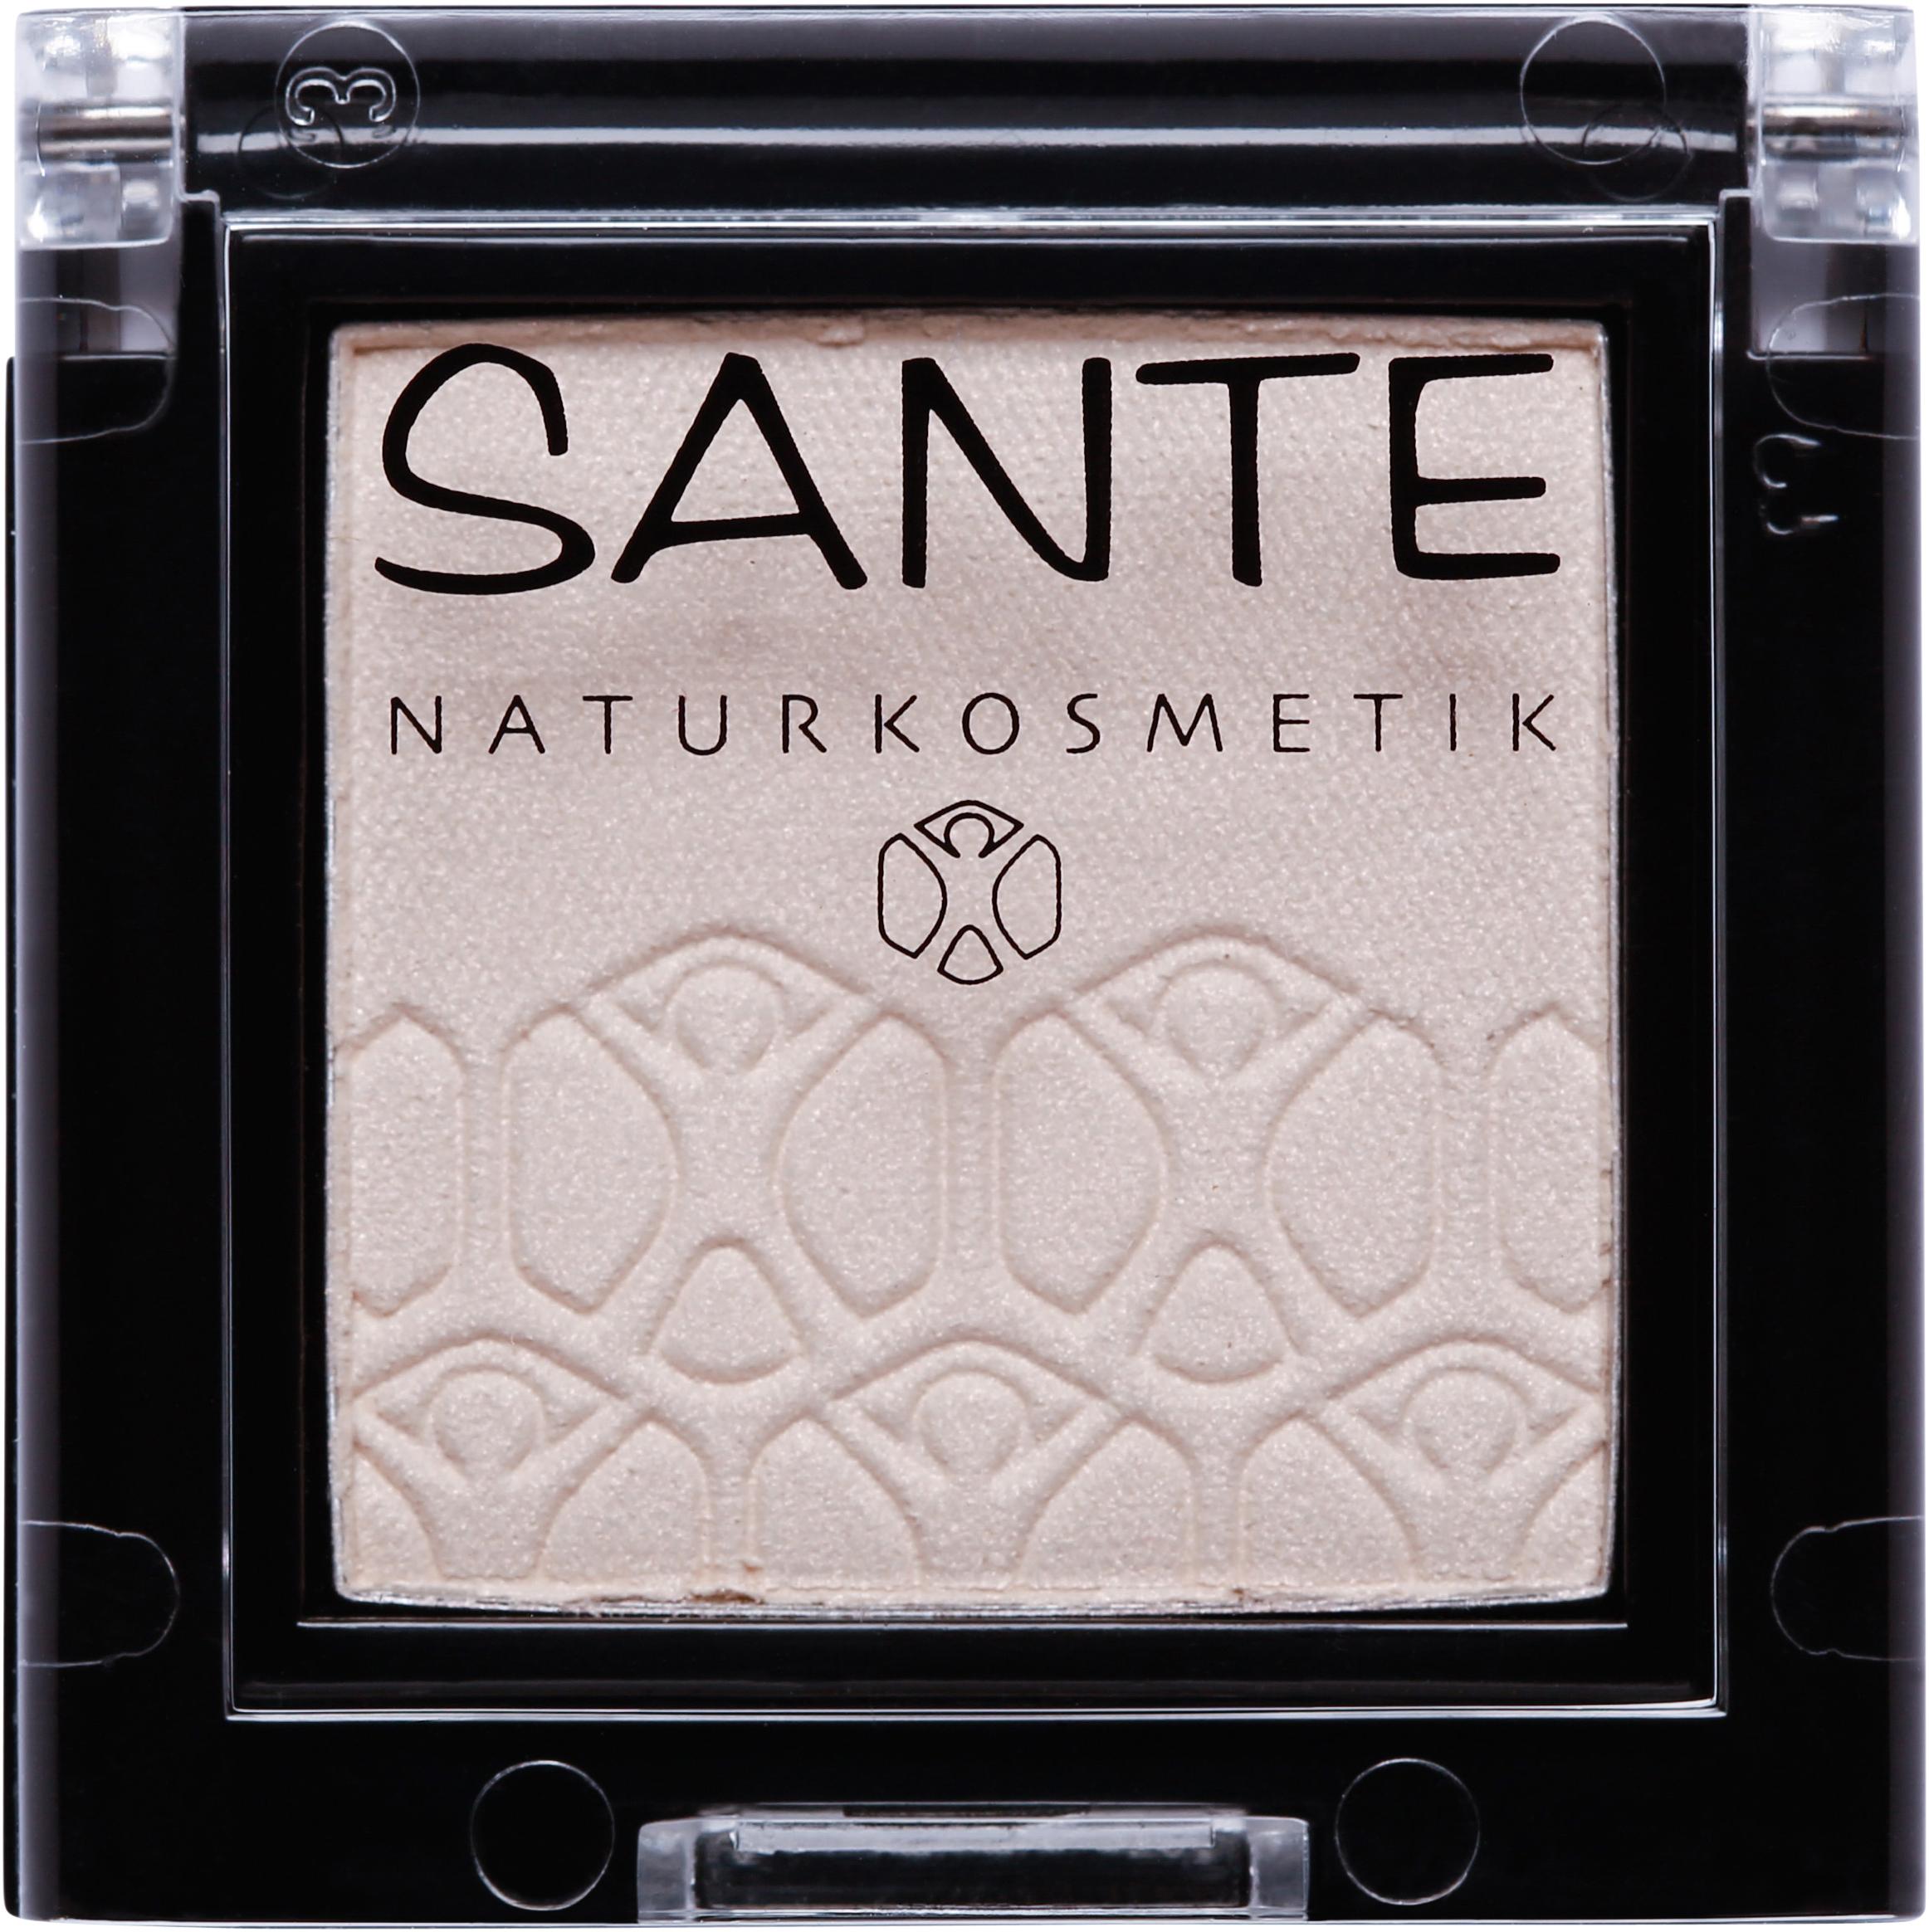 Sante Minerálne očné tiene MONO 03 Holografic stardust 2 g 2 g